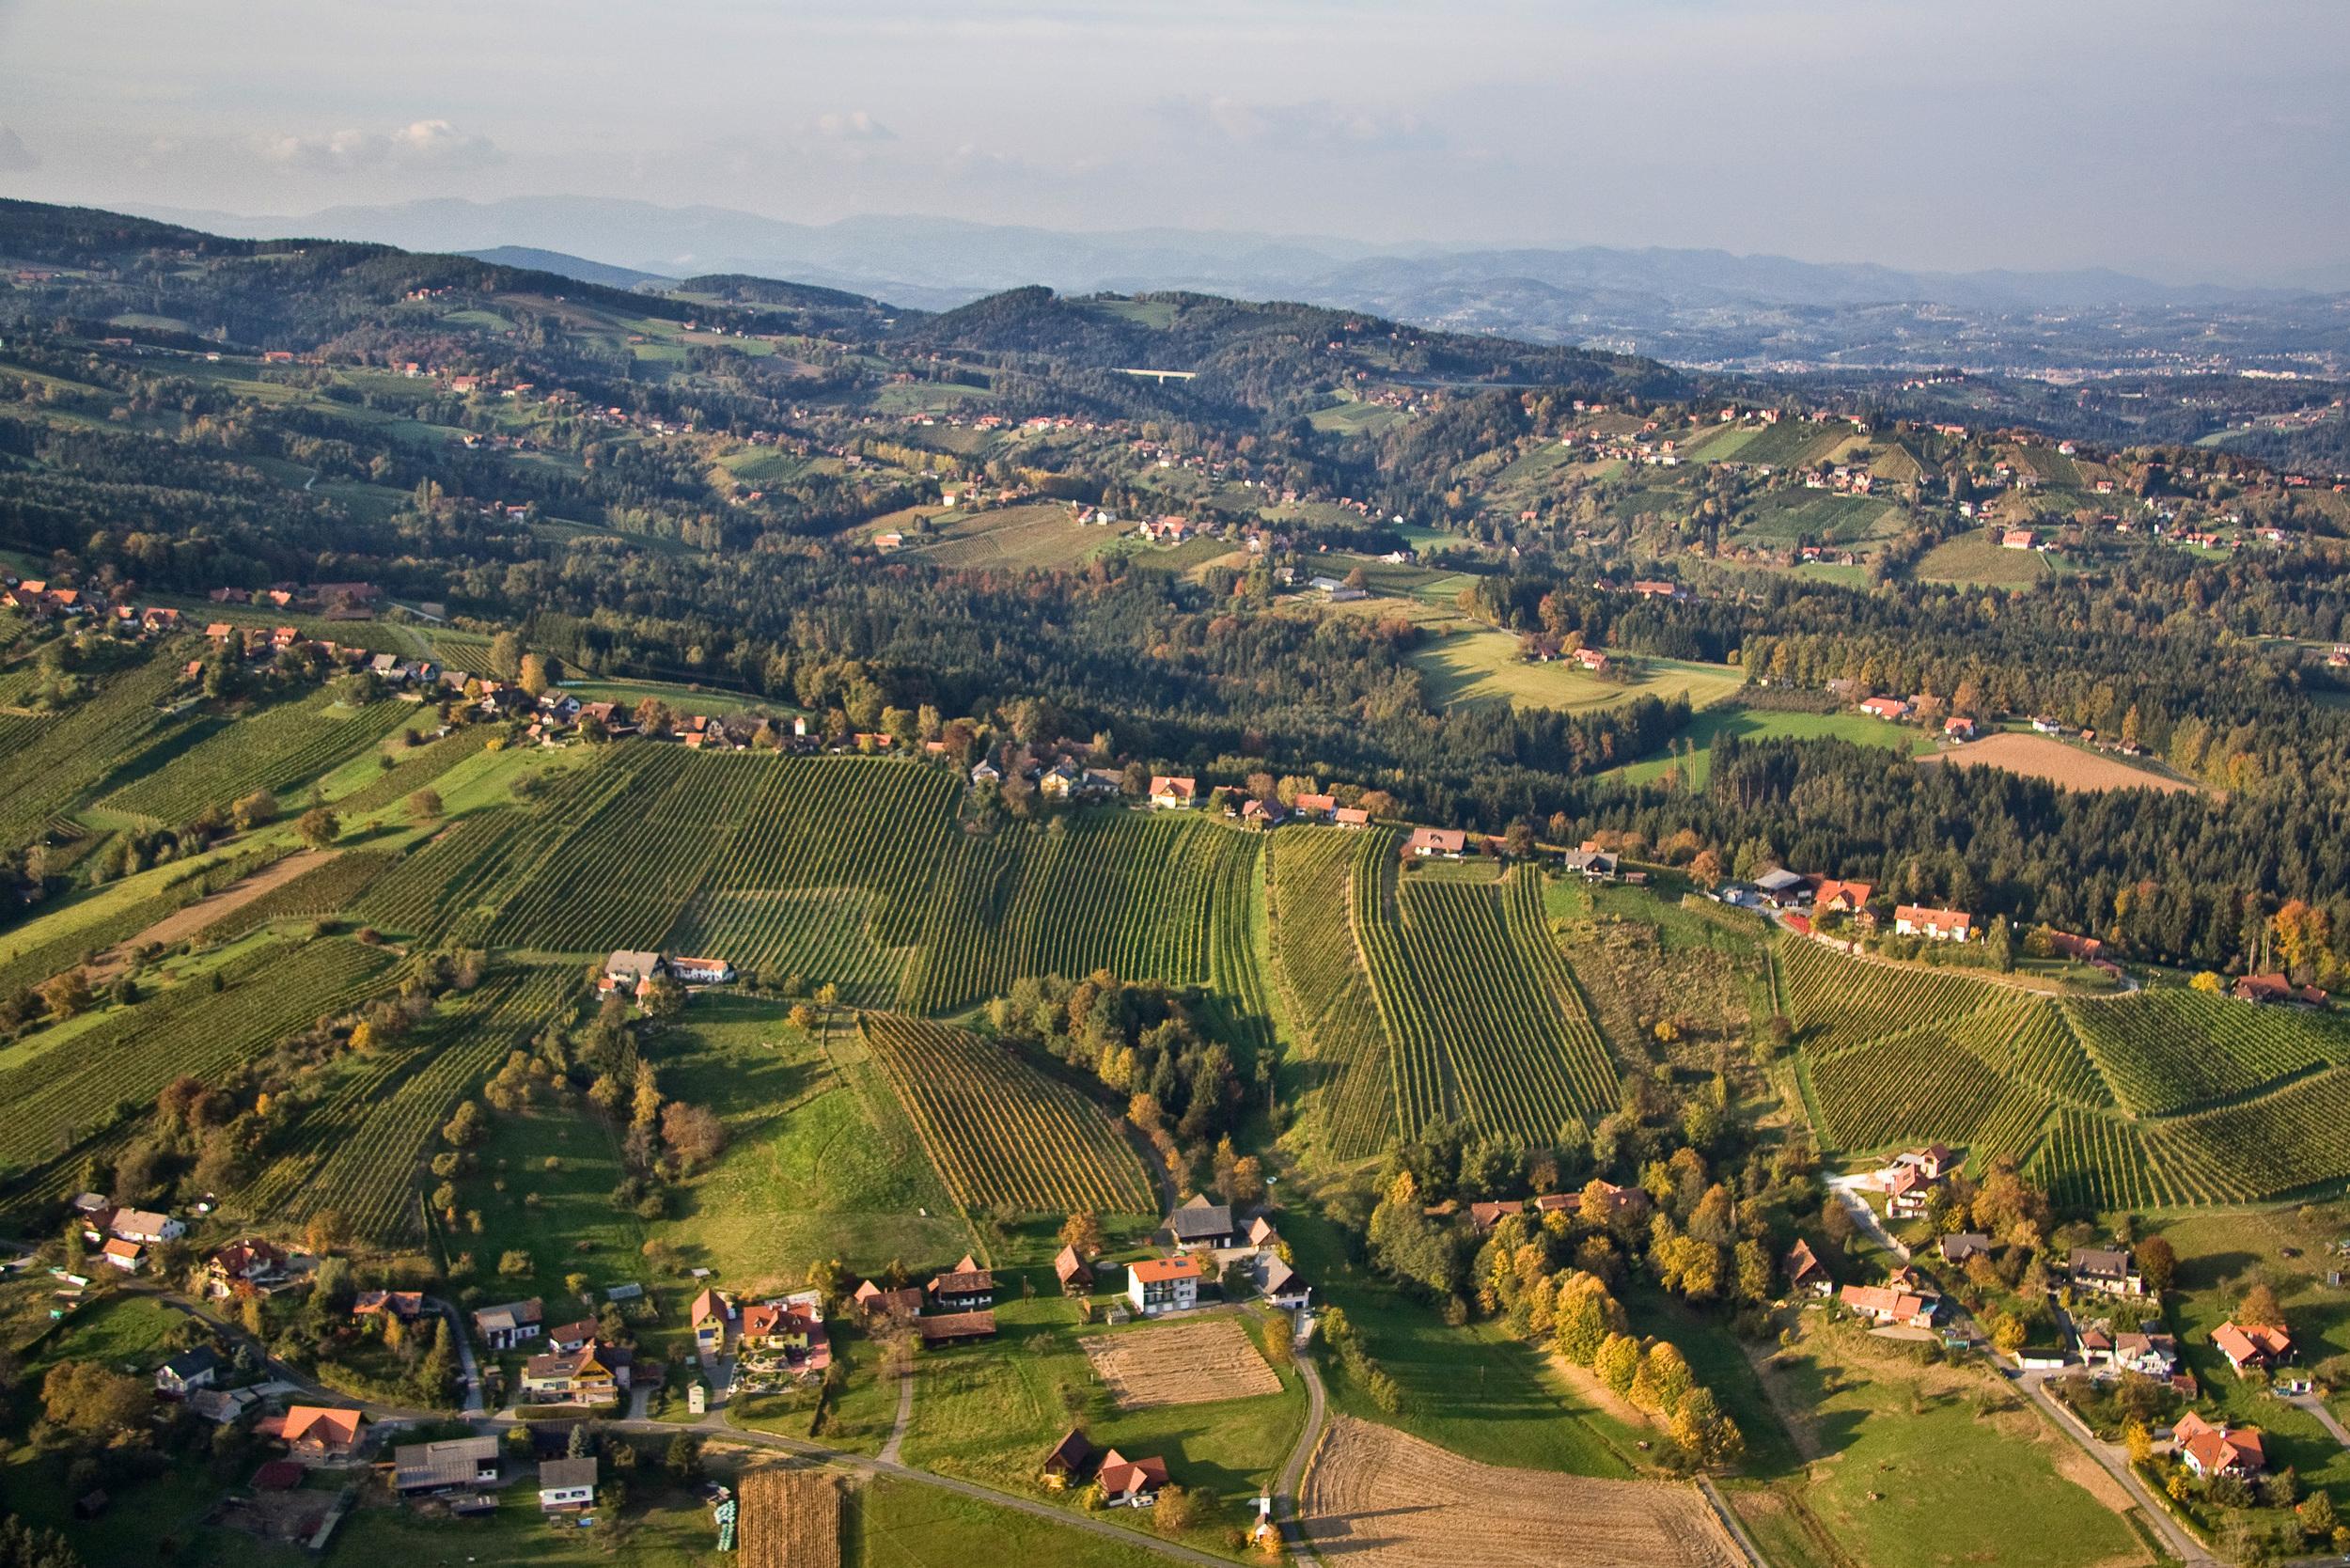 © Österreich Werbung, Fotograf: Homberger